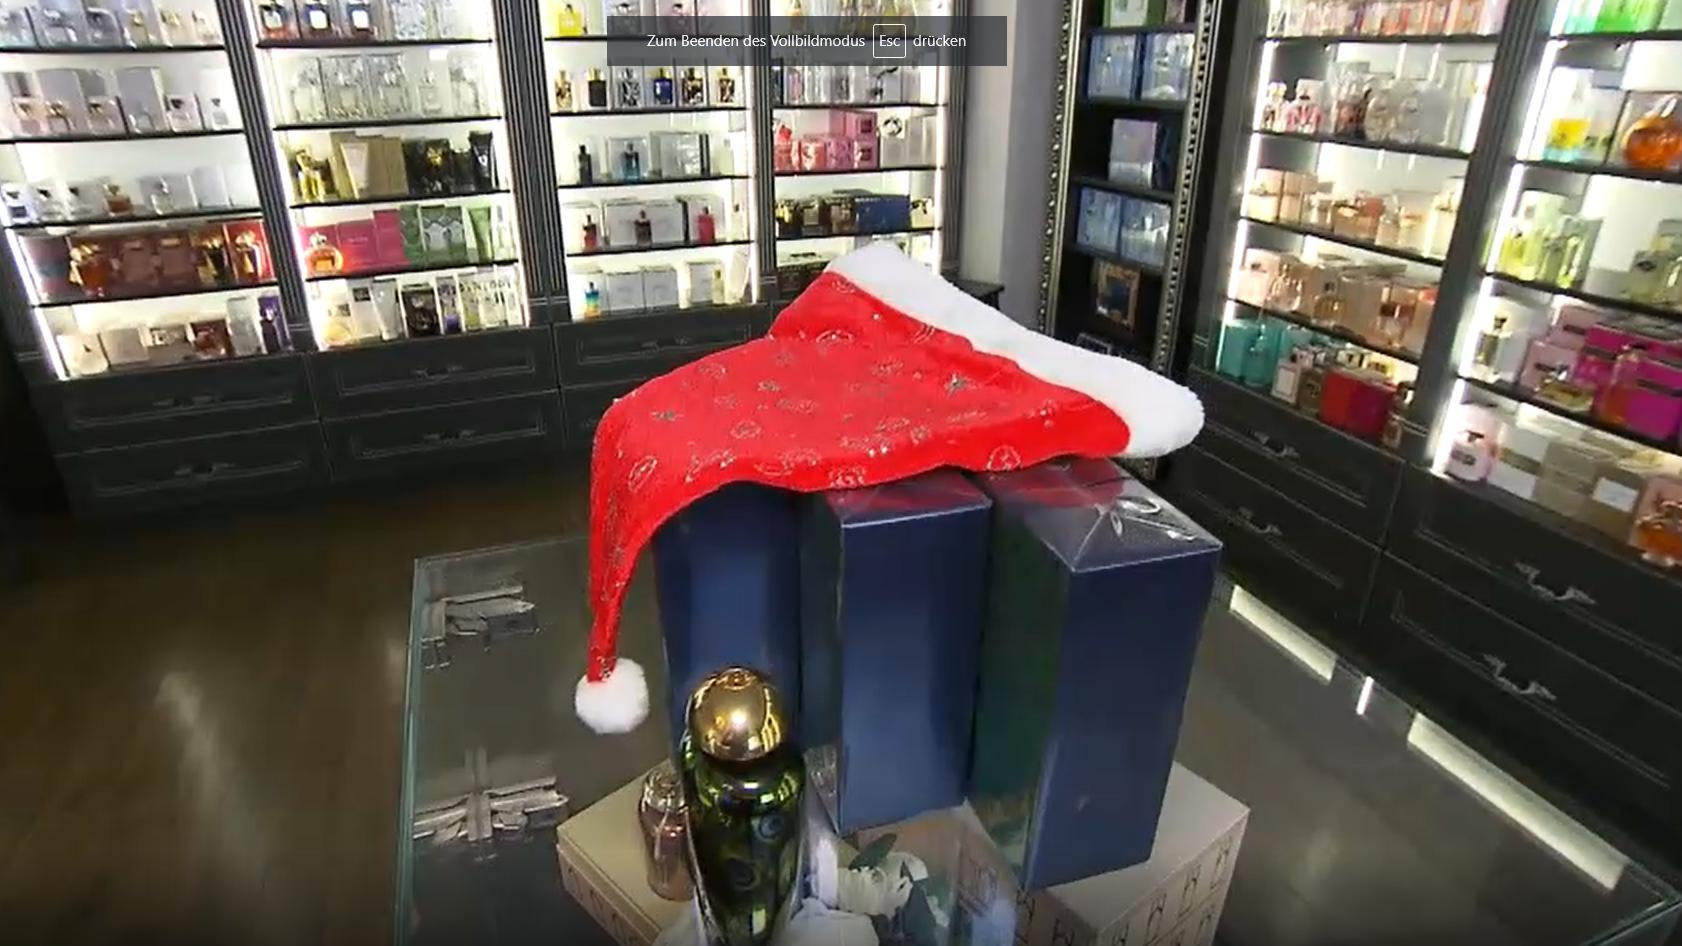 bis-zu-70-prozent-sparen-weihnachtsgeschenke-jetzt-schon-kaufen